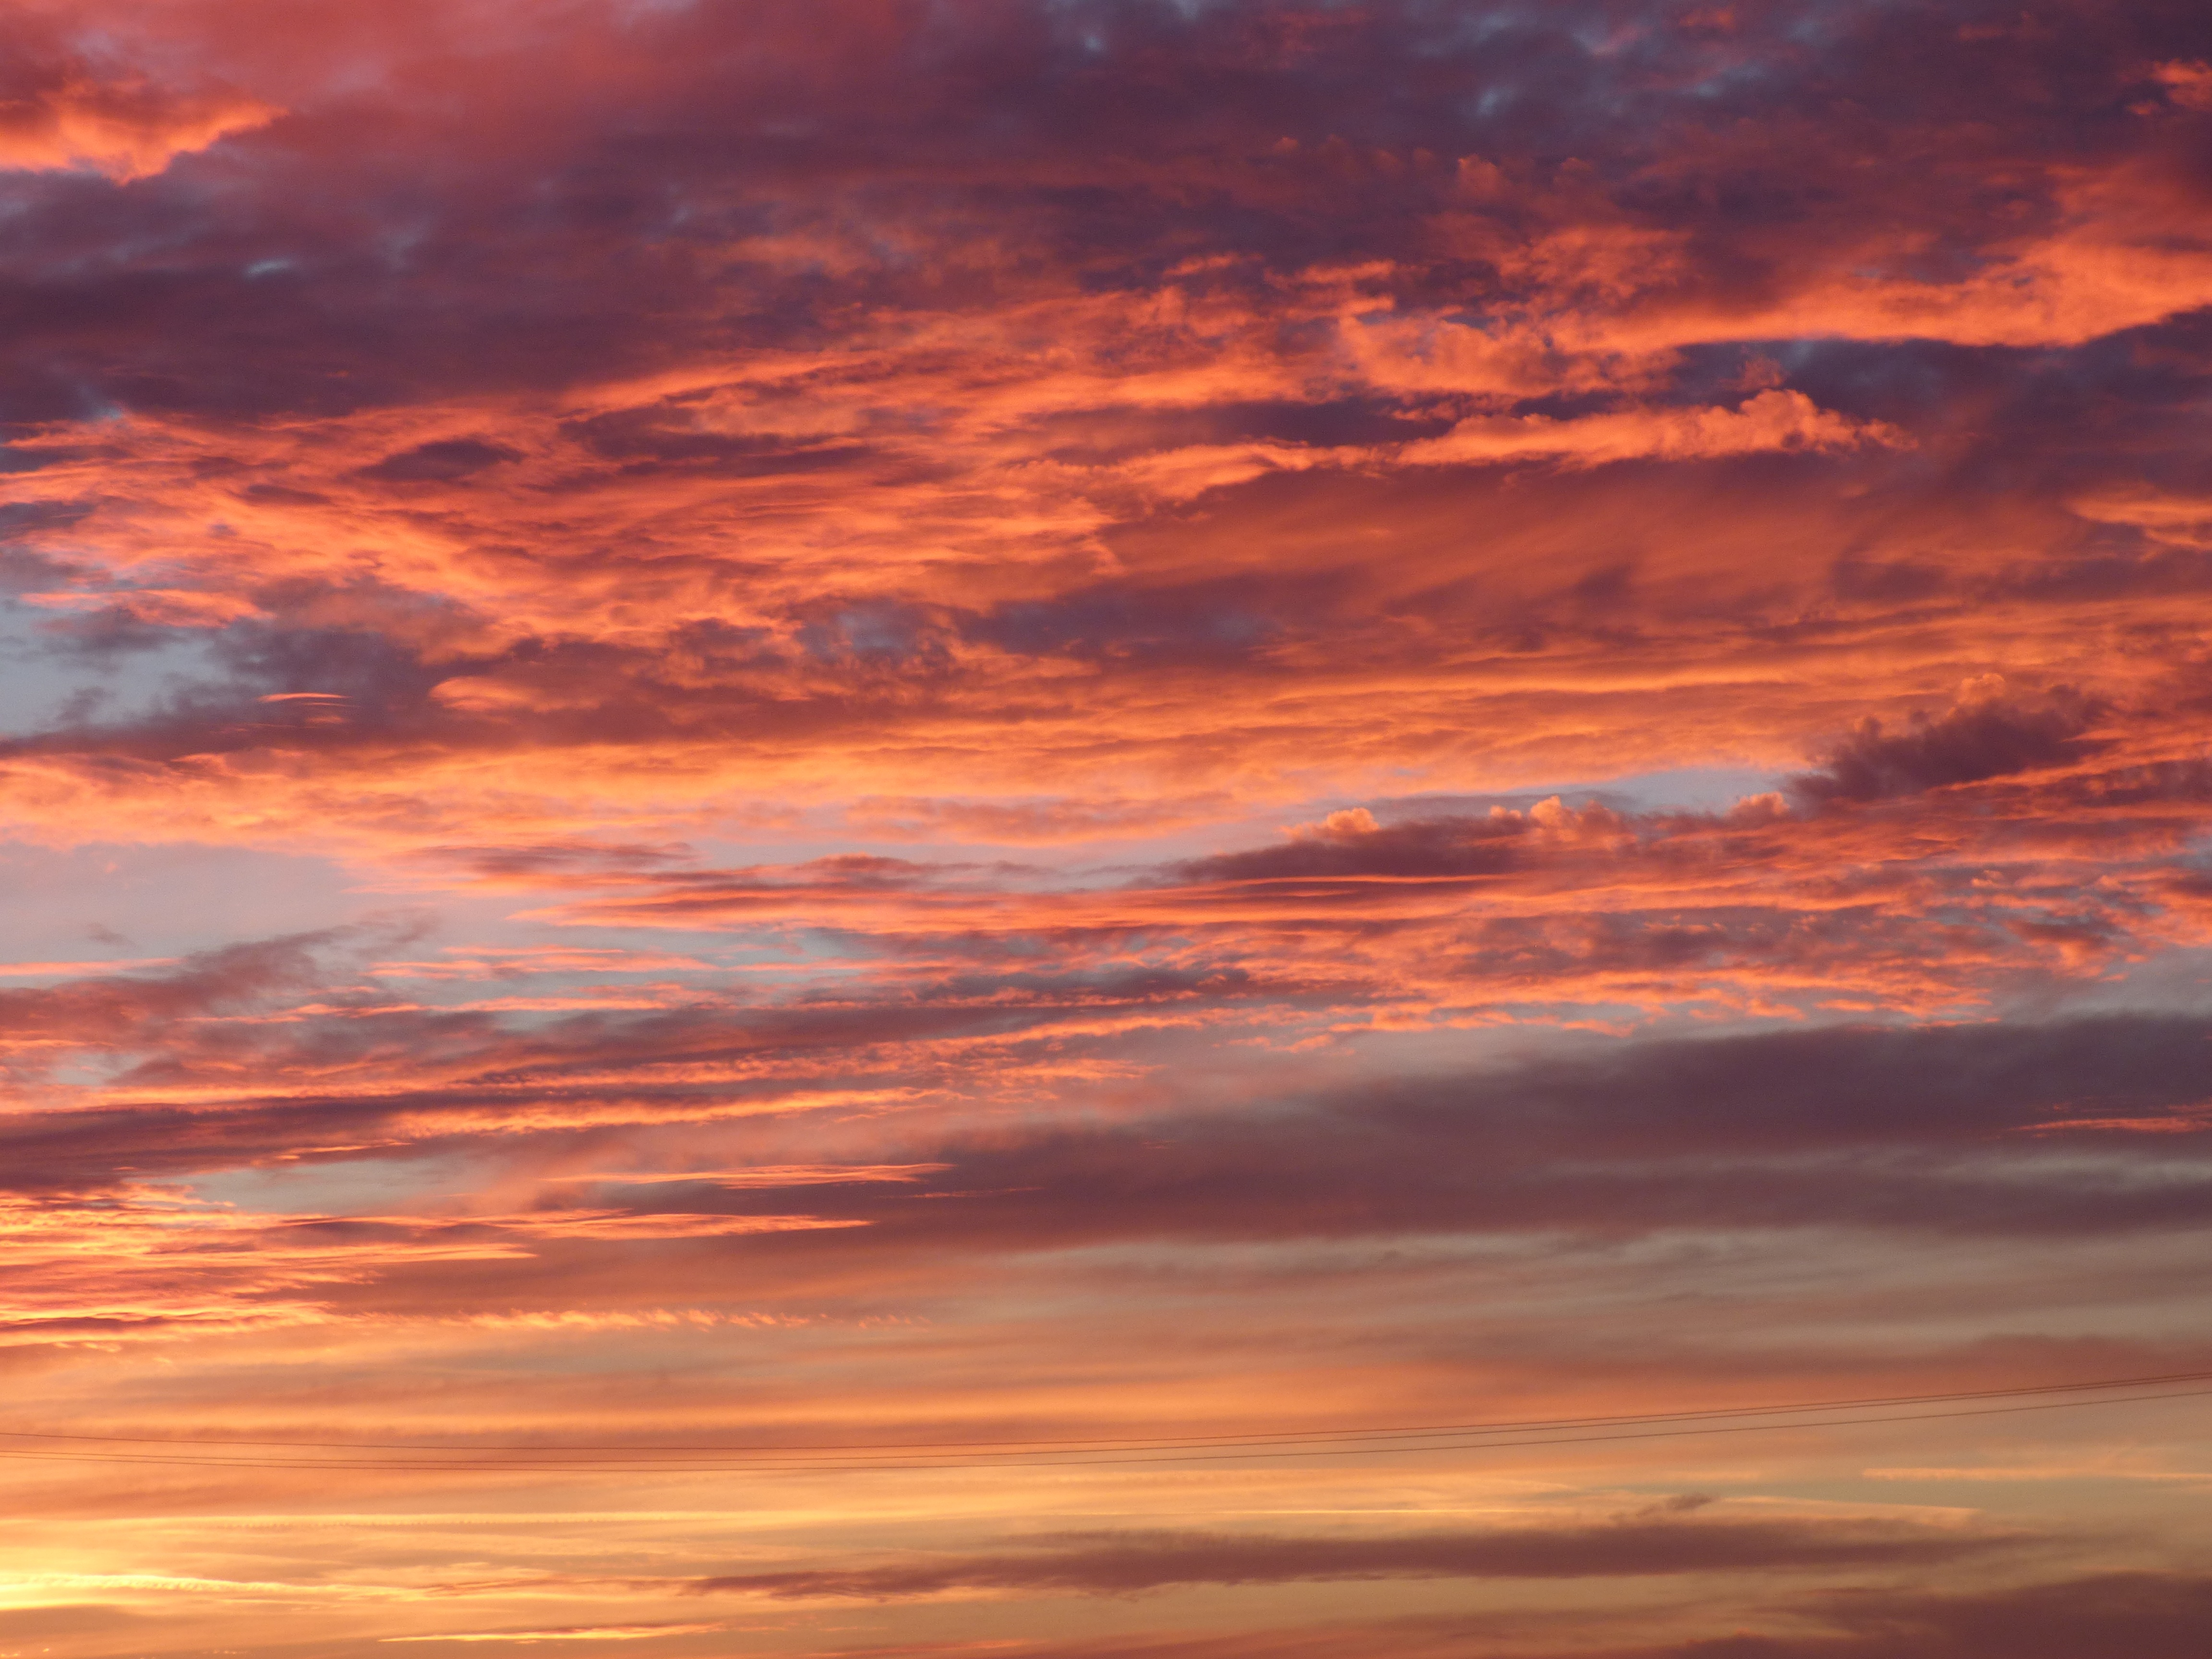 purple beach sunset wallpaper